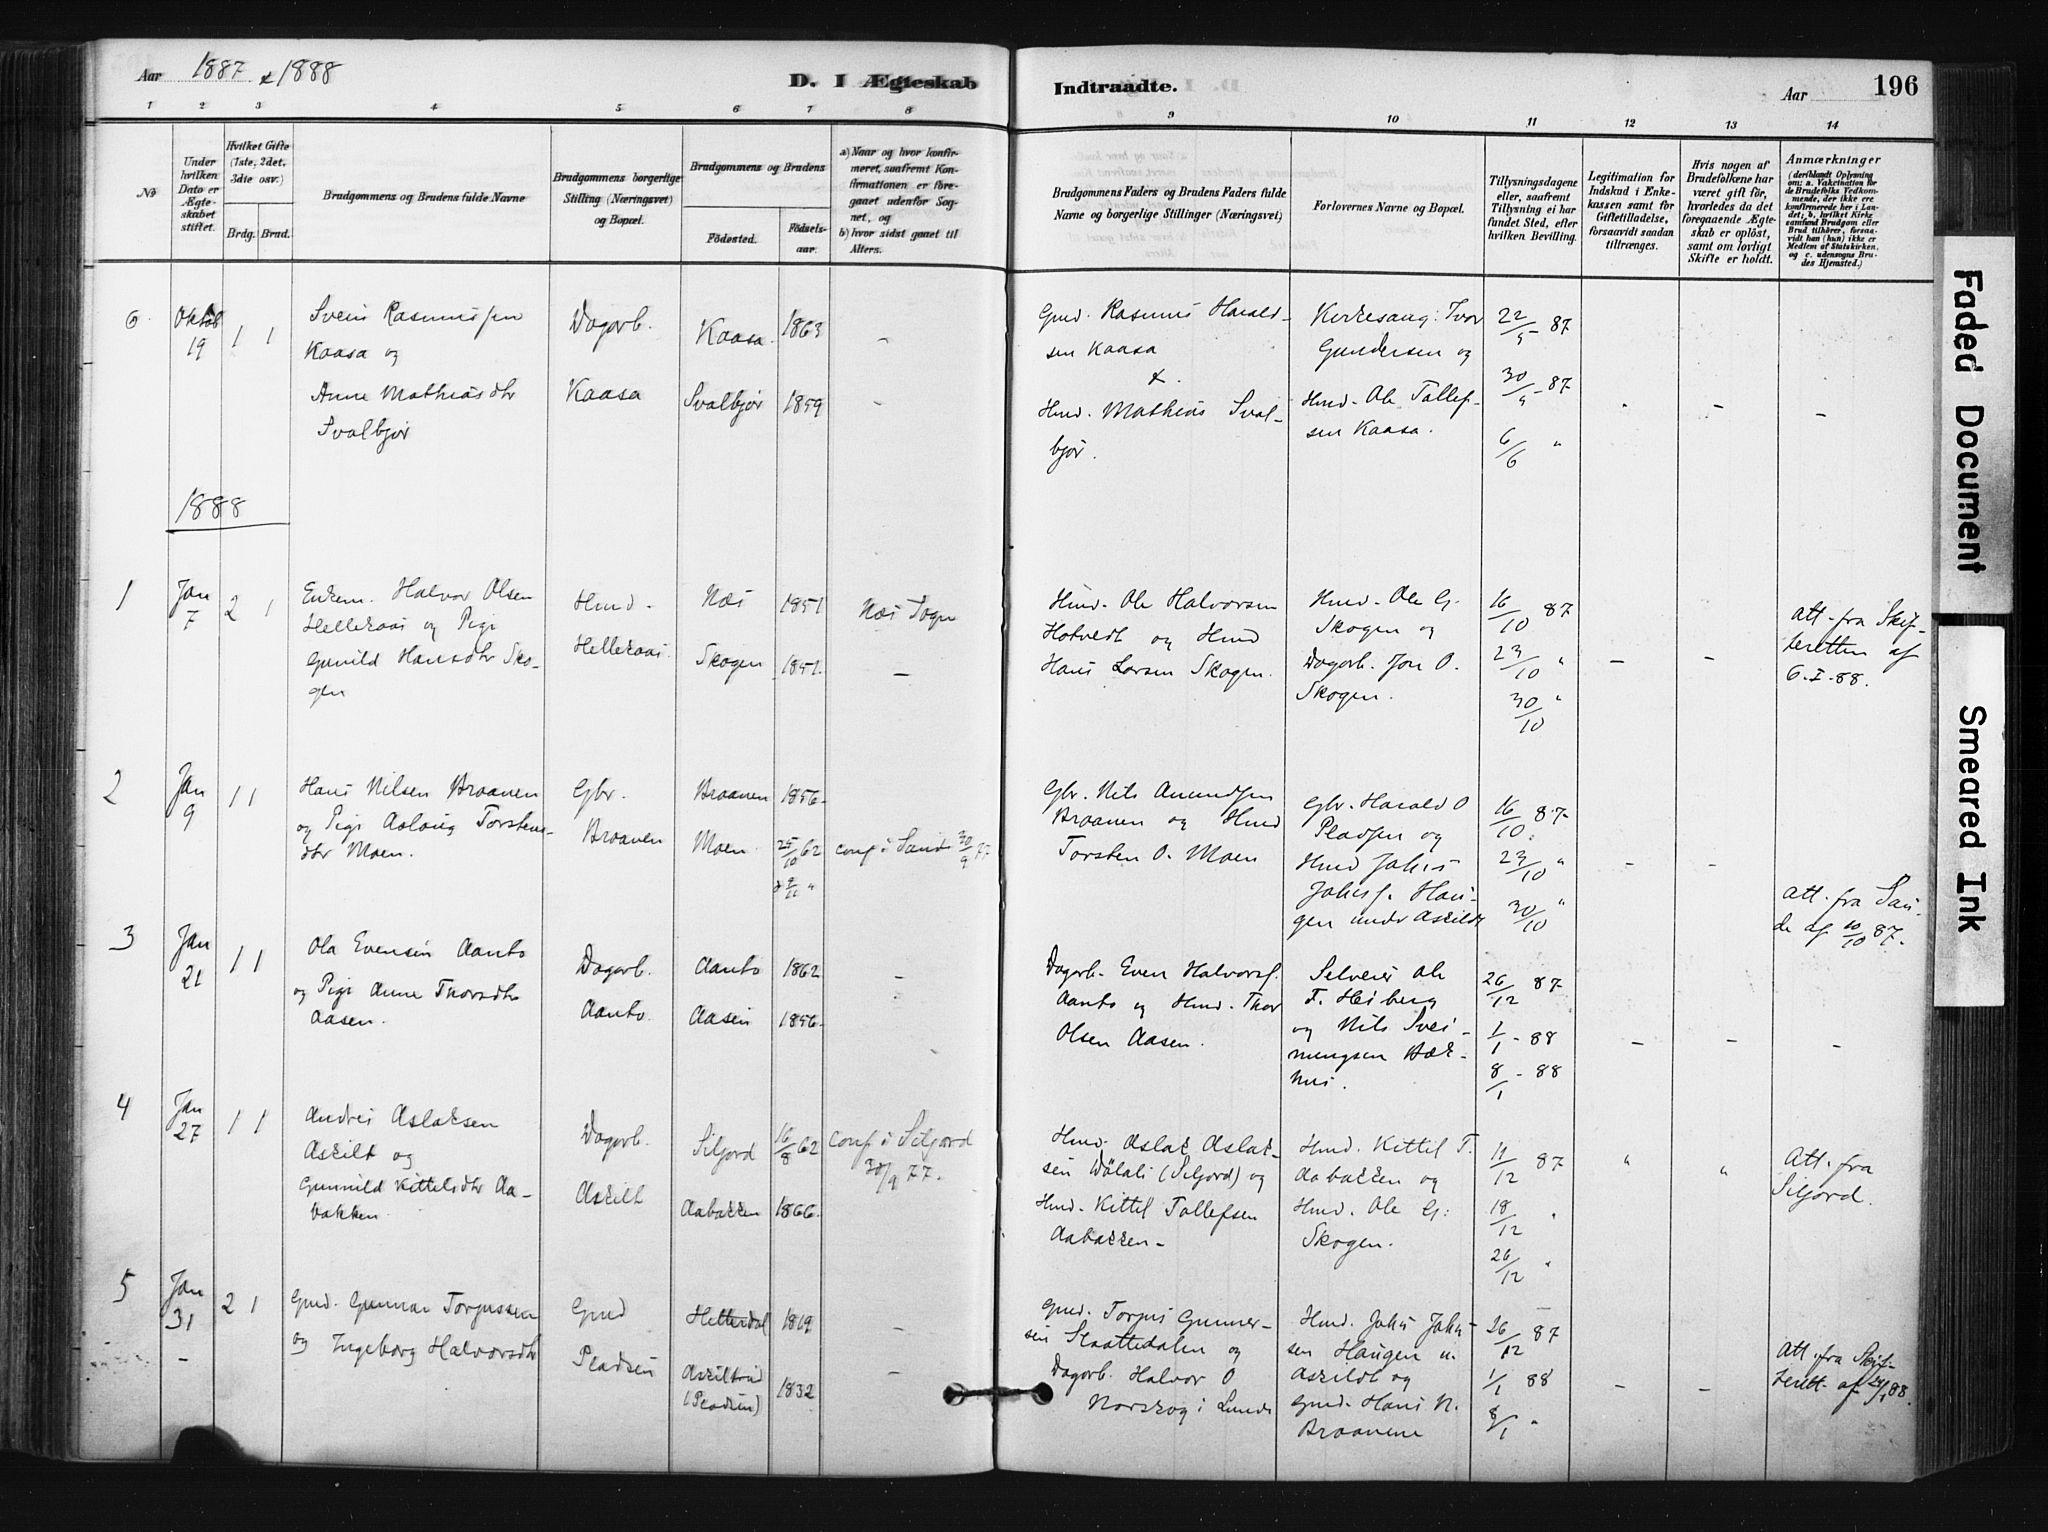 SAKO, Bø kirkebøker, F/Fa/L0010: Ministerialbok nr. 10, 1880-1892, s. 196